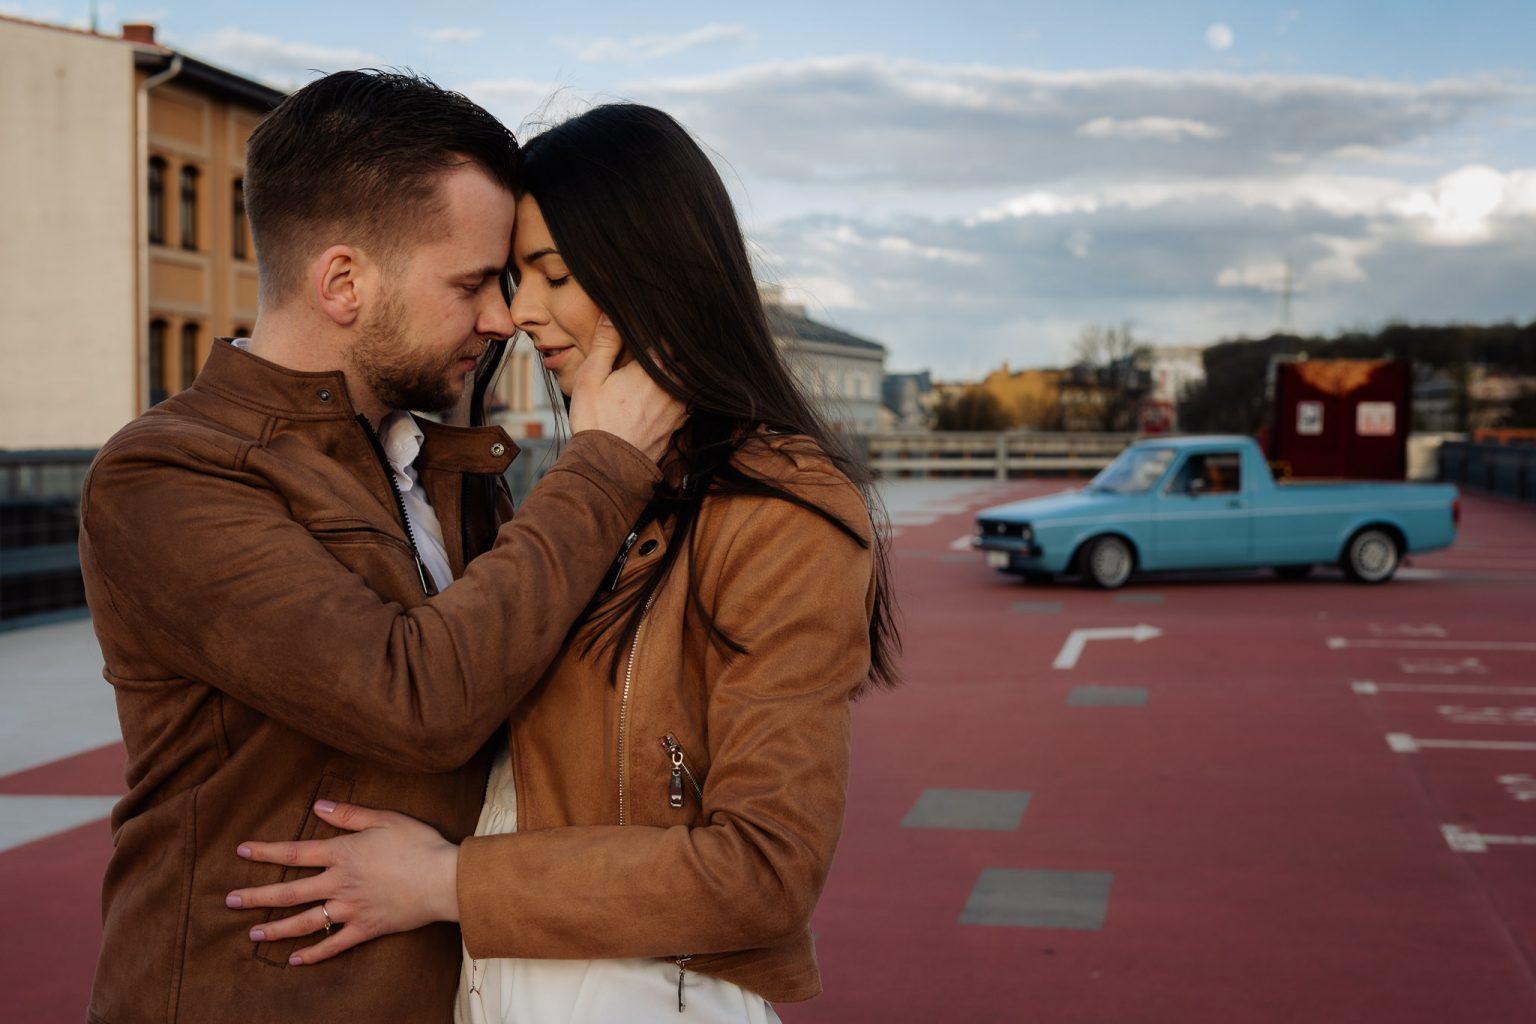 sesja przedślubna na parkingu w Bydgoszczy